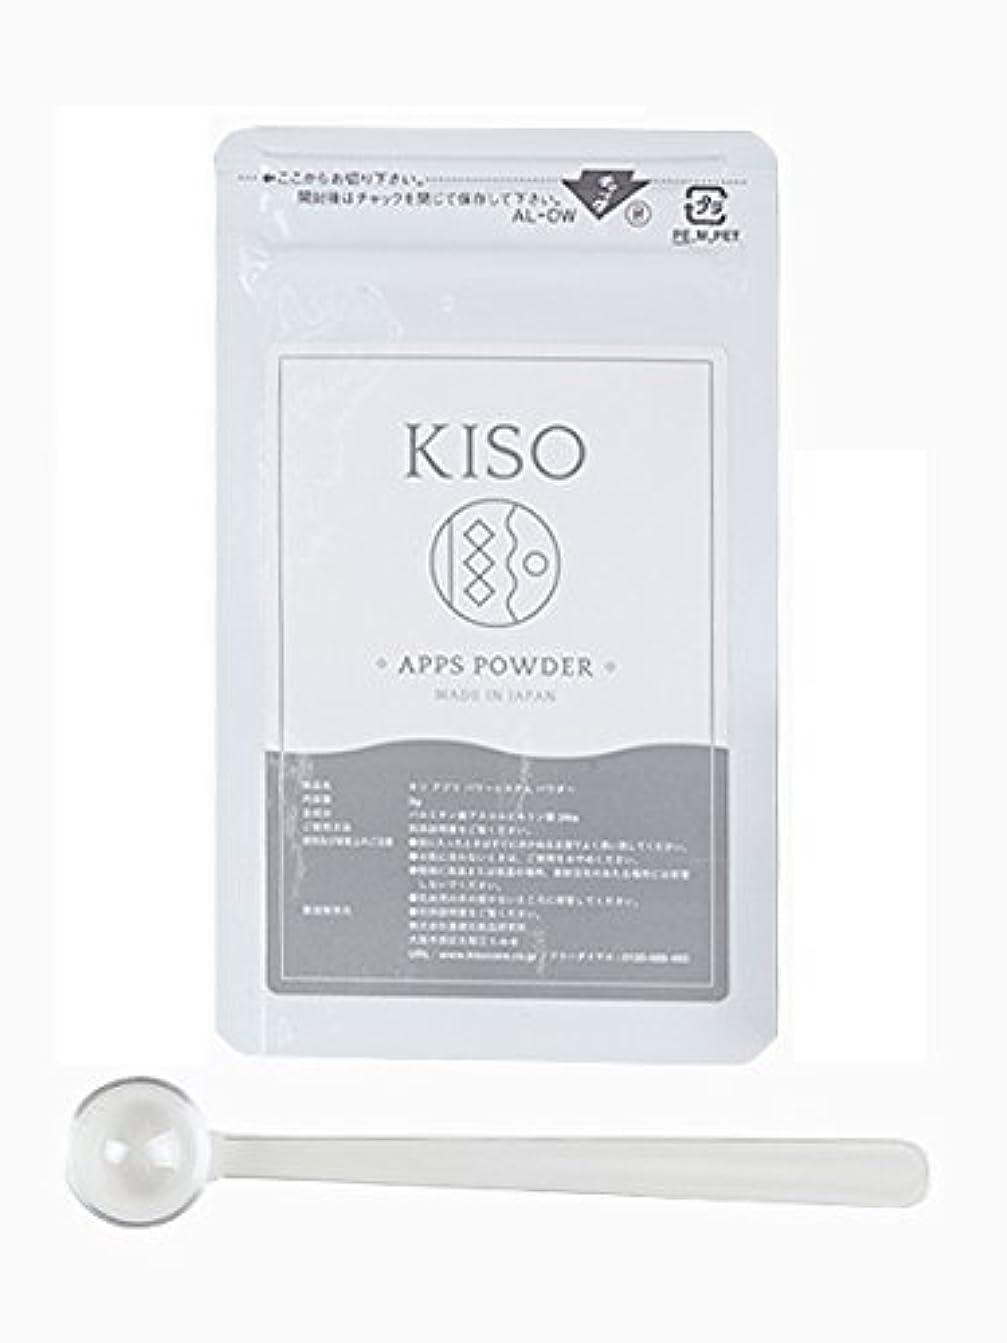 中古反対する引き算KISO 【APPS POWDER 3g】次世代型ビタミンC誘導体100%パウダー 「アプレシエ」1%化粧水なら300mL分/日本製